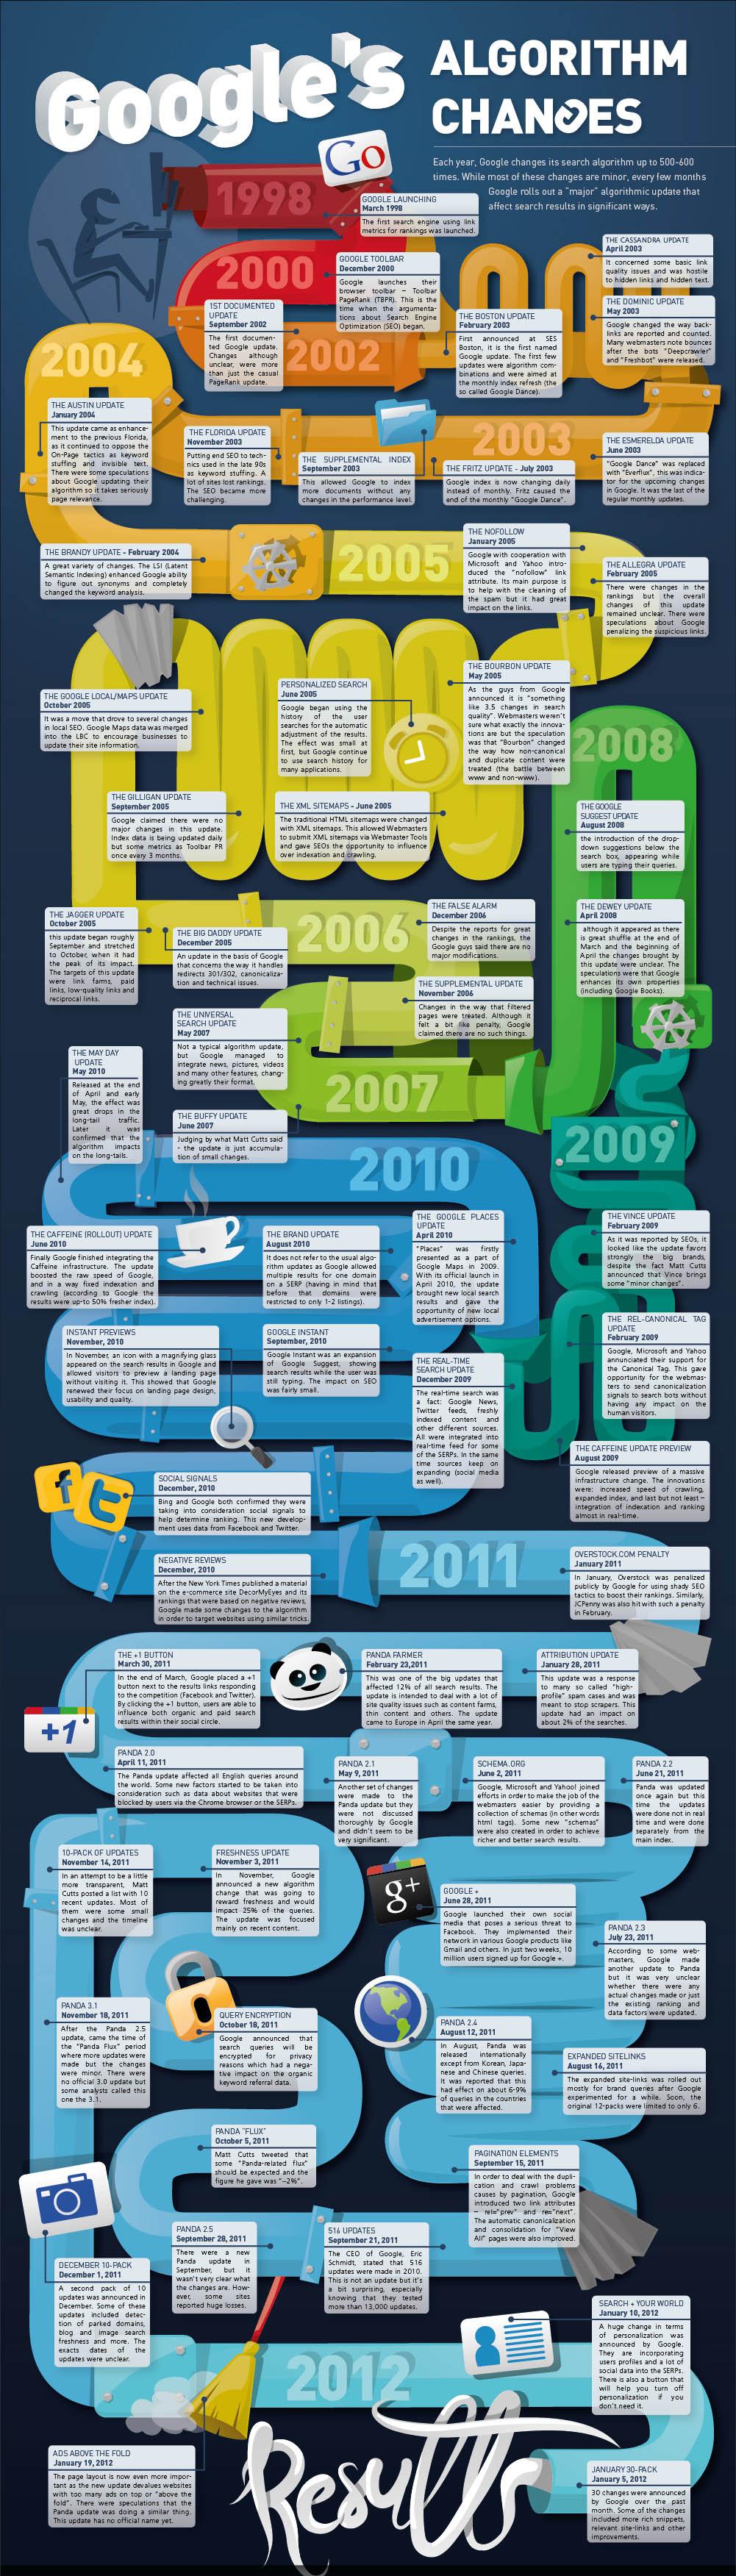 2012-algoritmul-google-update-uri